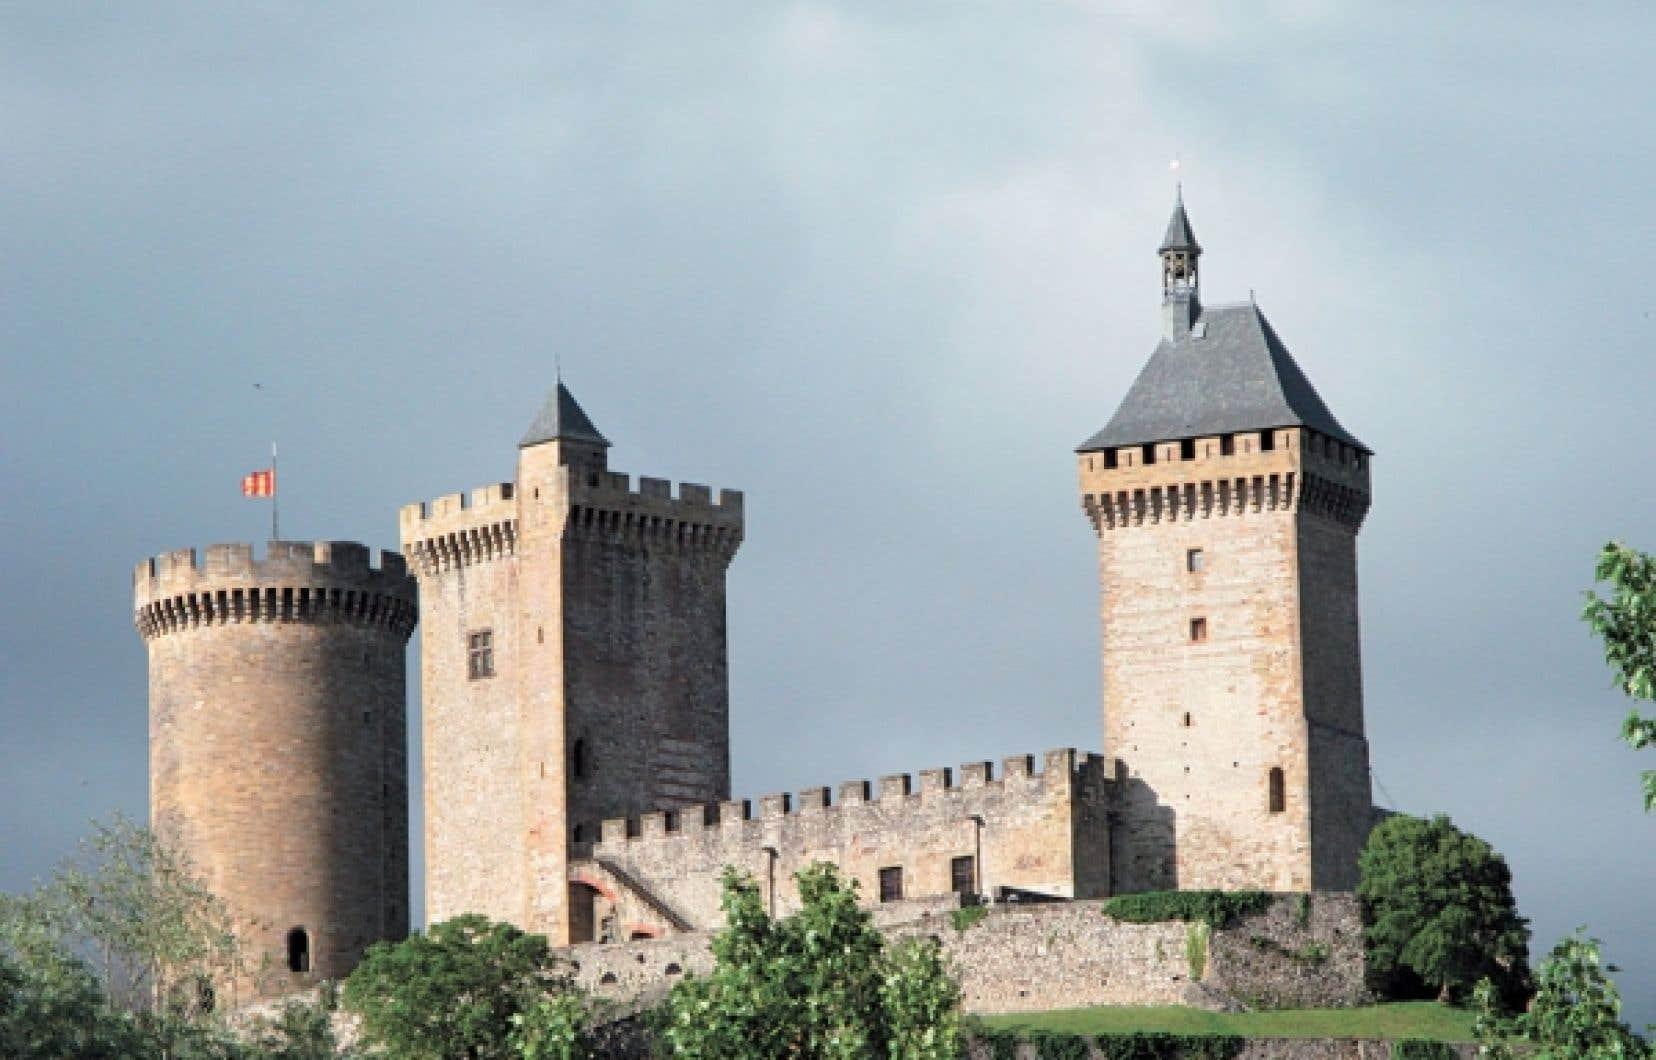 Le château de Foix, que l'on croise sur le Sentier cathare. Au total, le randonneur rencontrera 10 châteaux sur sa route.